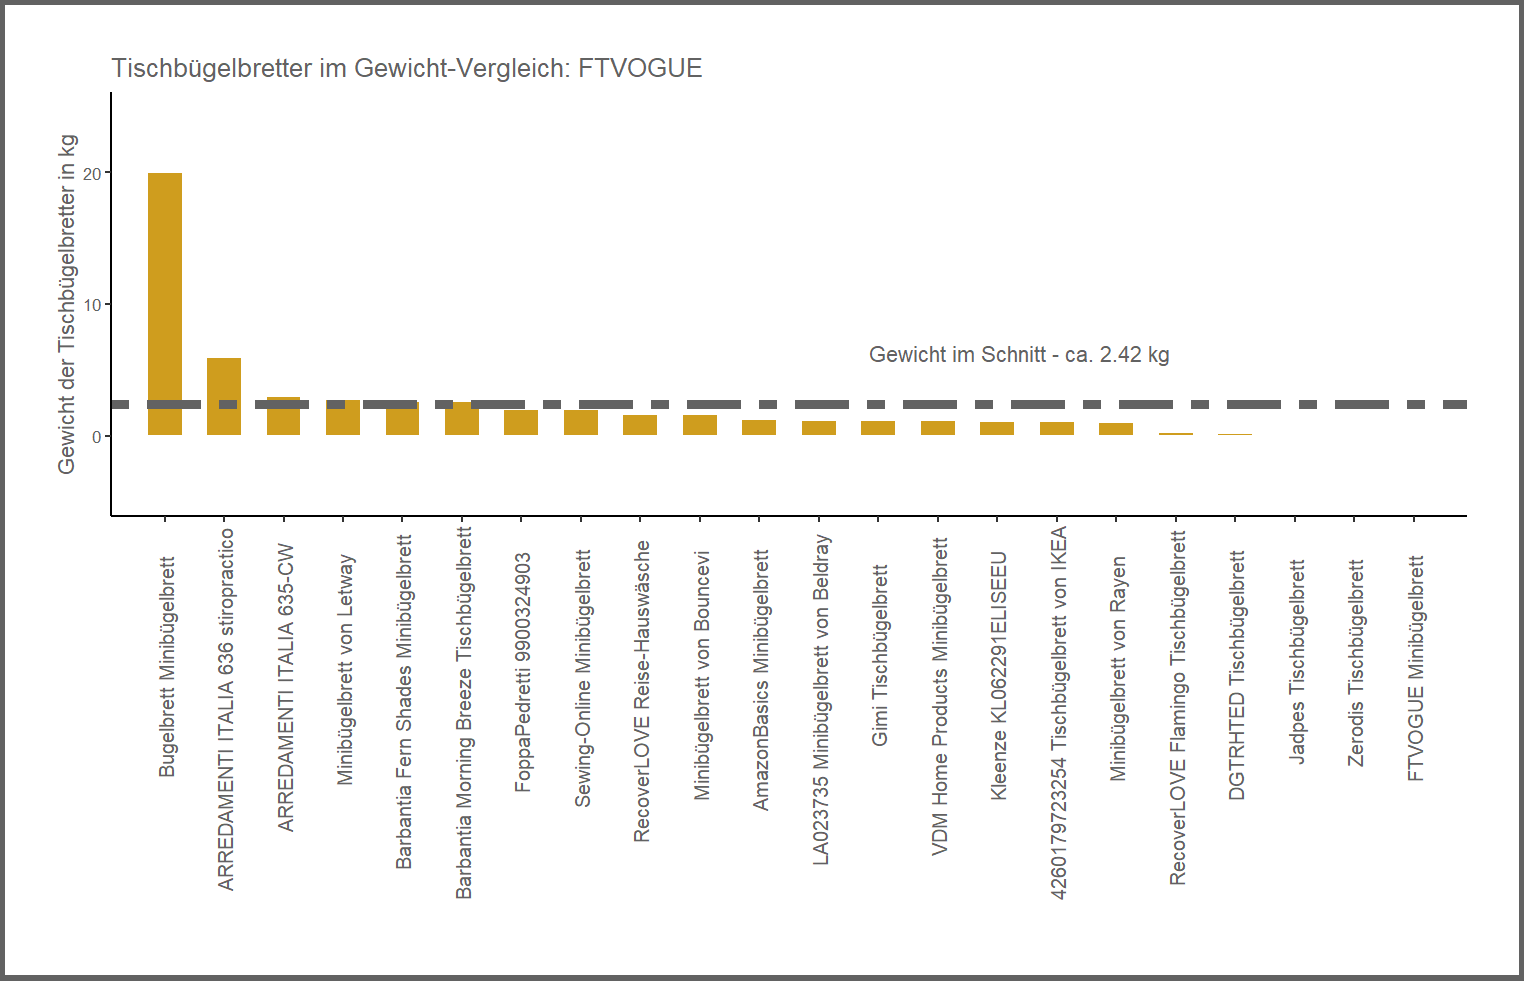 Gewicht-Vergleich von dem FTVOGUE Tischbügelbrett